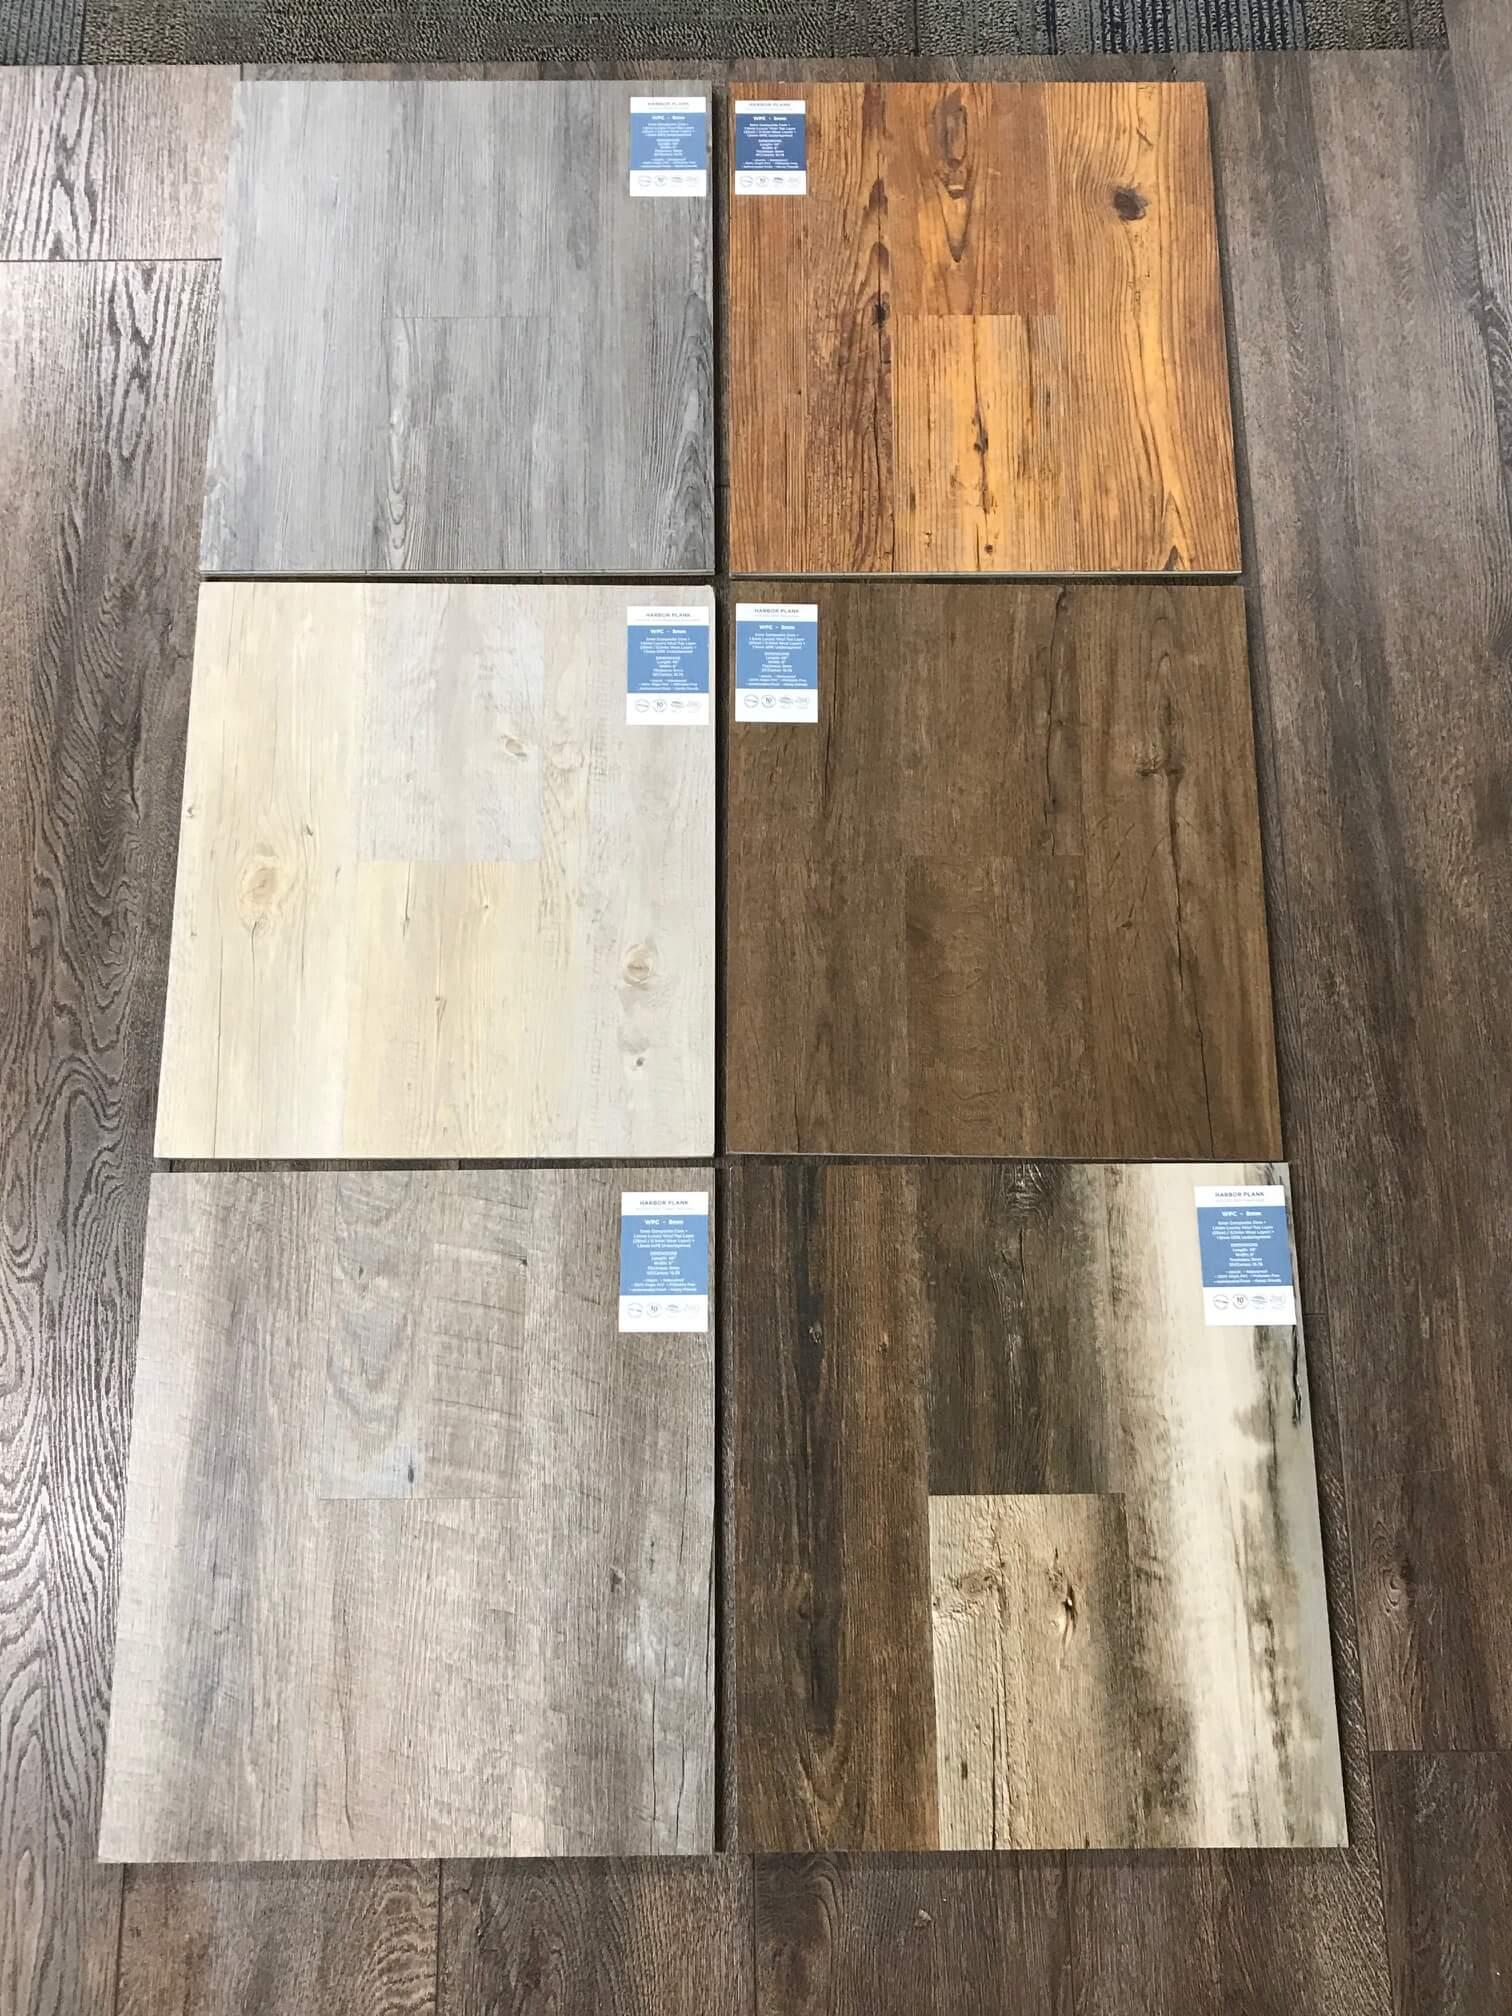 Samples of hardwood floor in Kalamazoo showroom